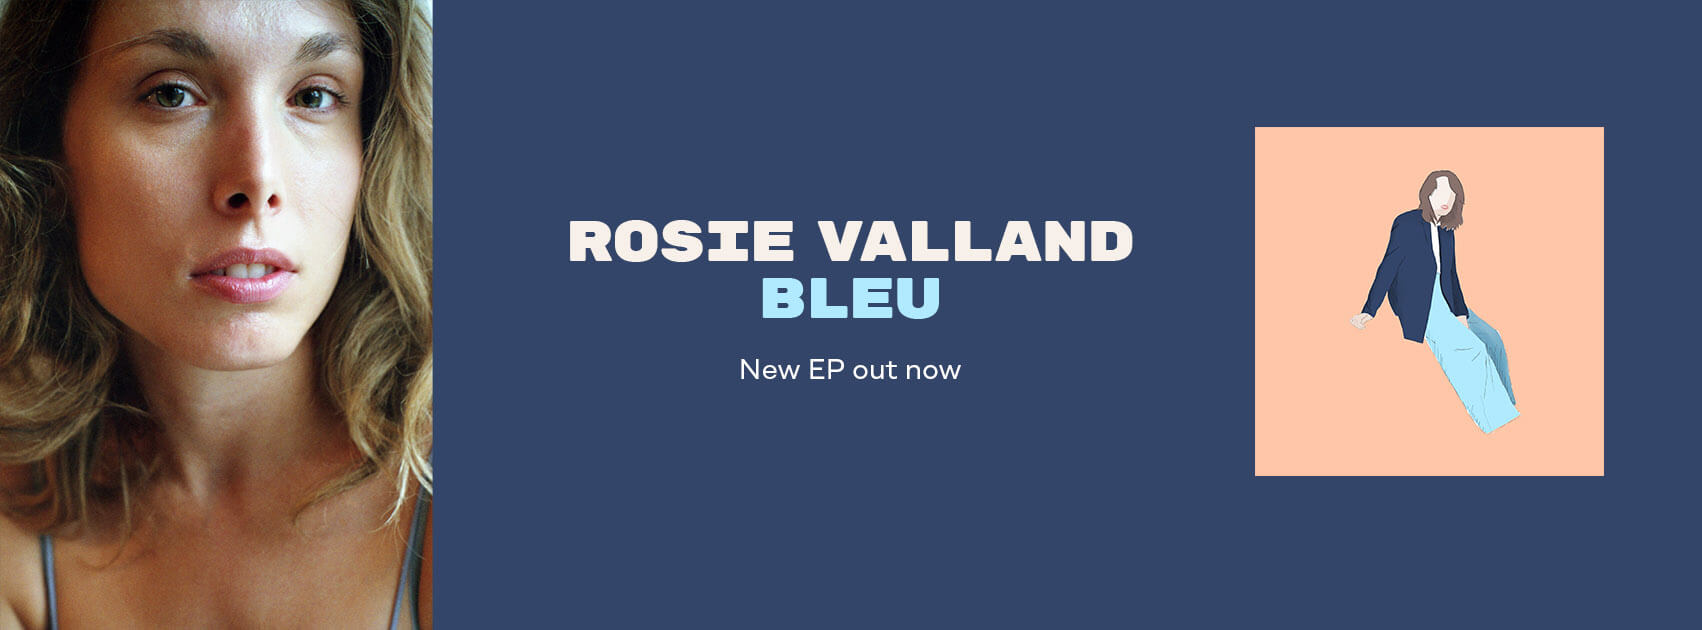 RosieValland-Bleu-SCRWebsite-EN (1)